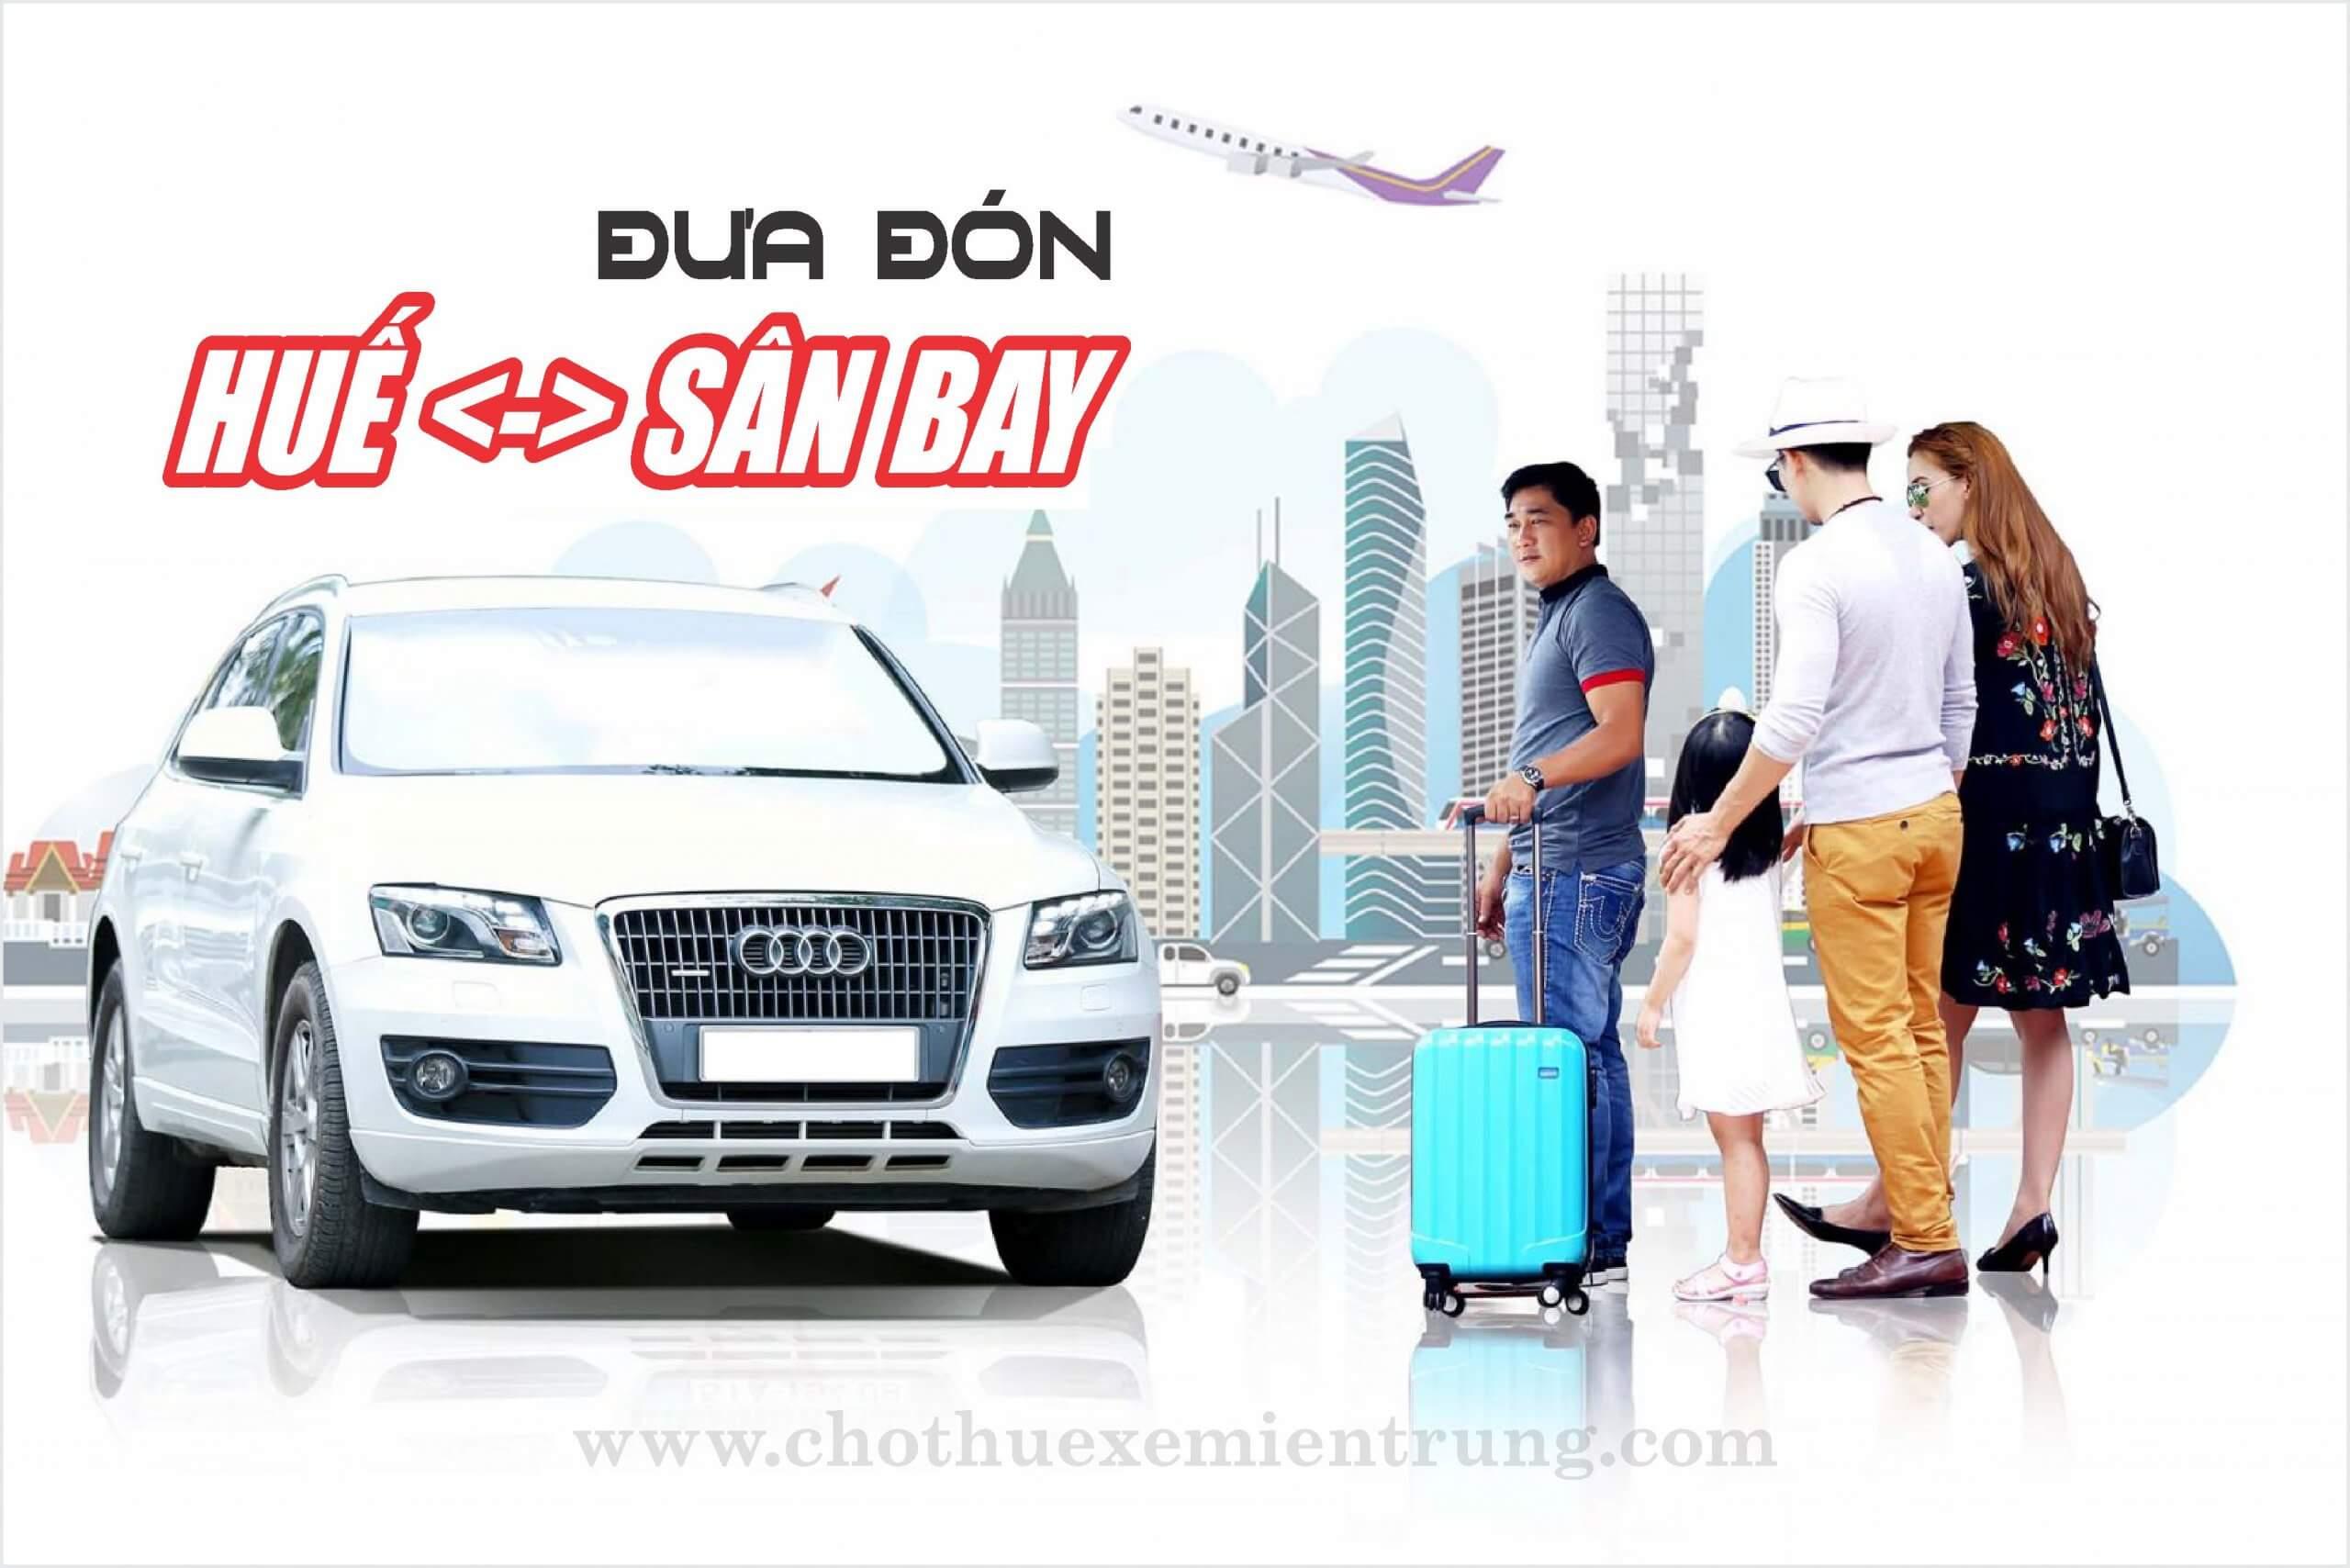 Thuê xe đưa đón sân bay Huế